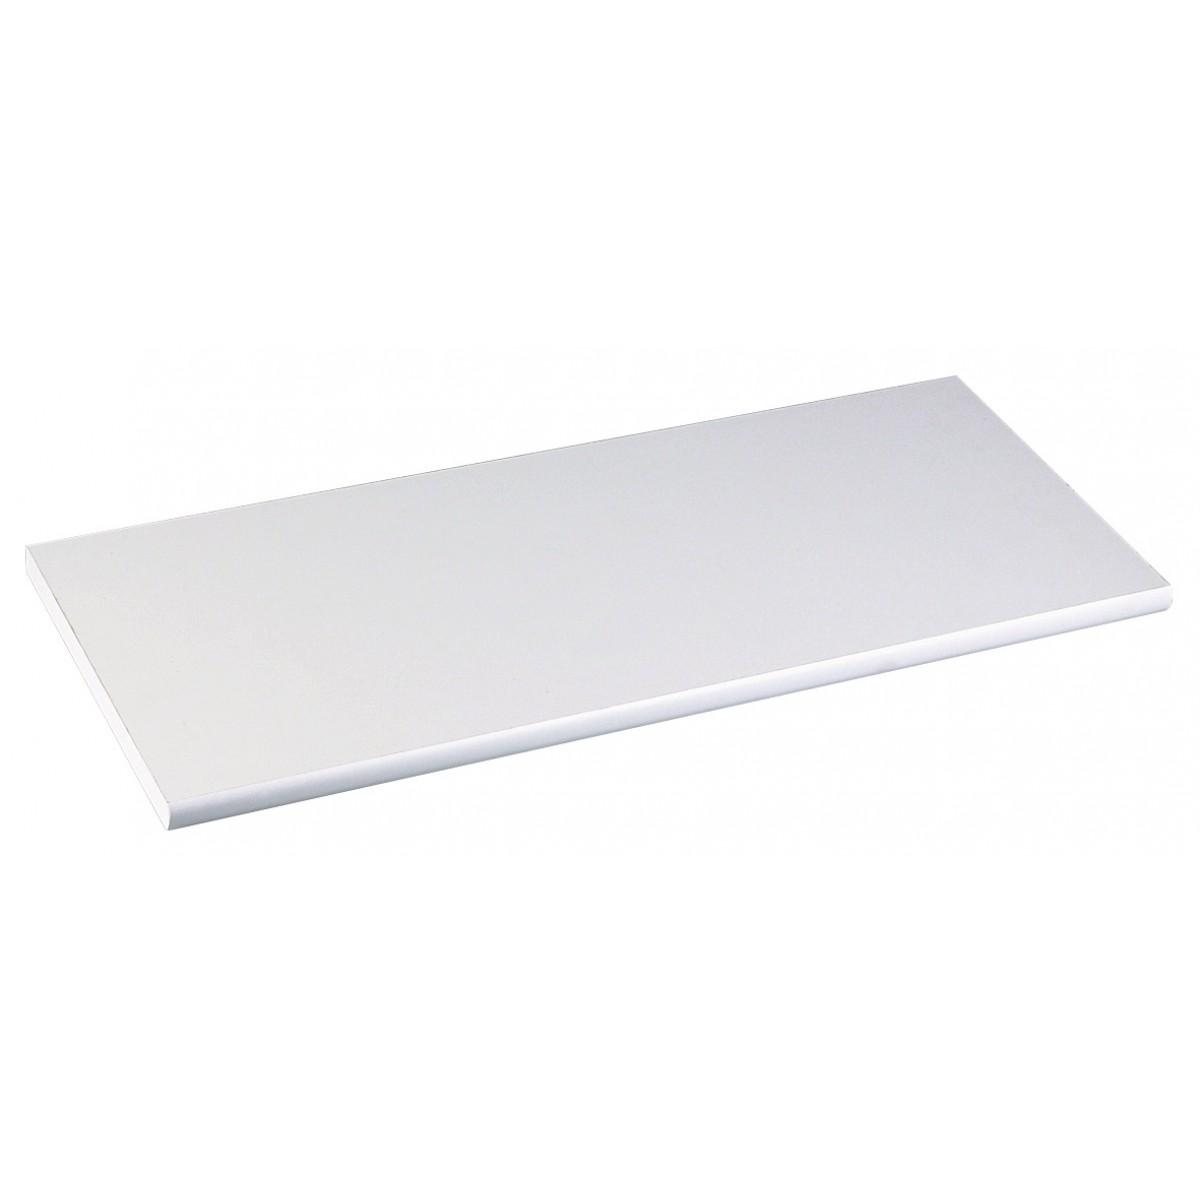 Tablette médium droite Mottez - Longueur 80 - Profondeur 25 cm - Epaisseur 18 mm - Blanc